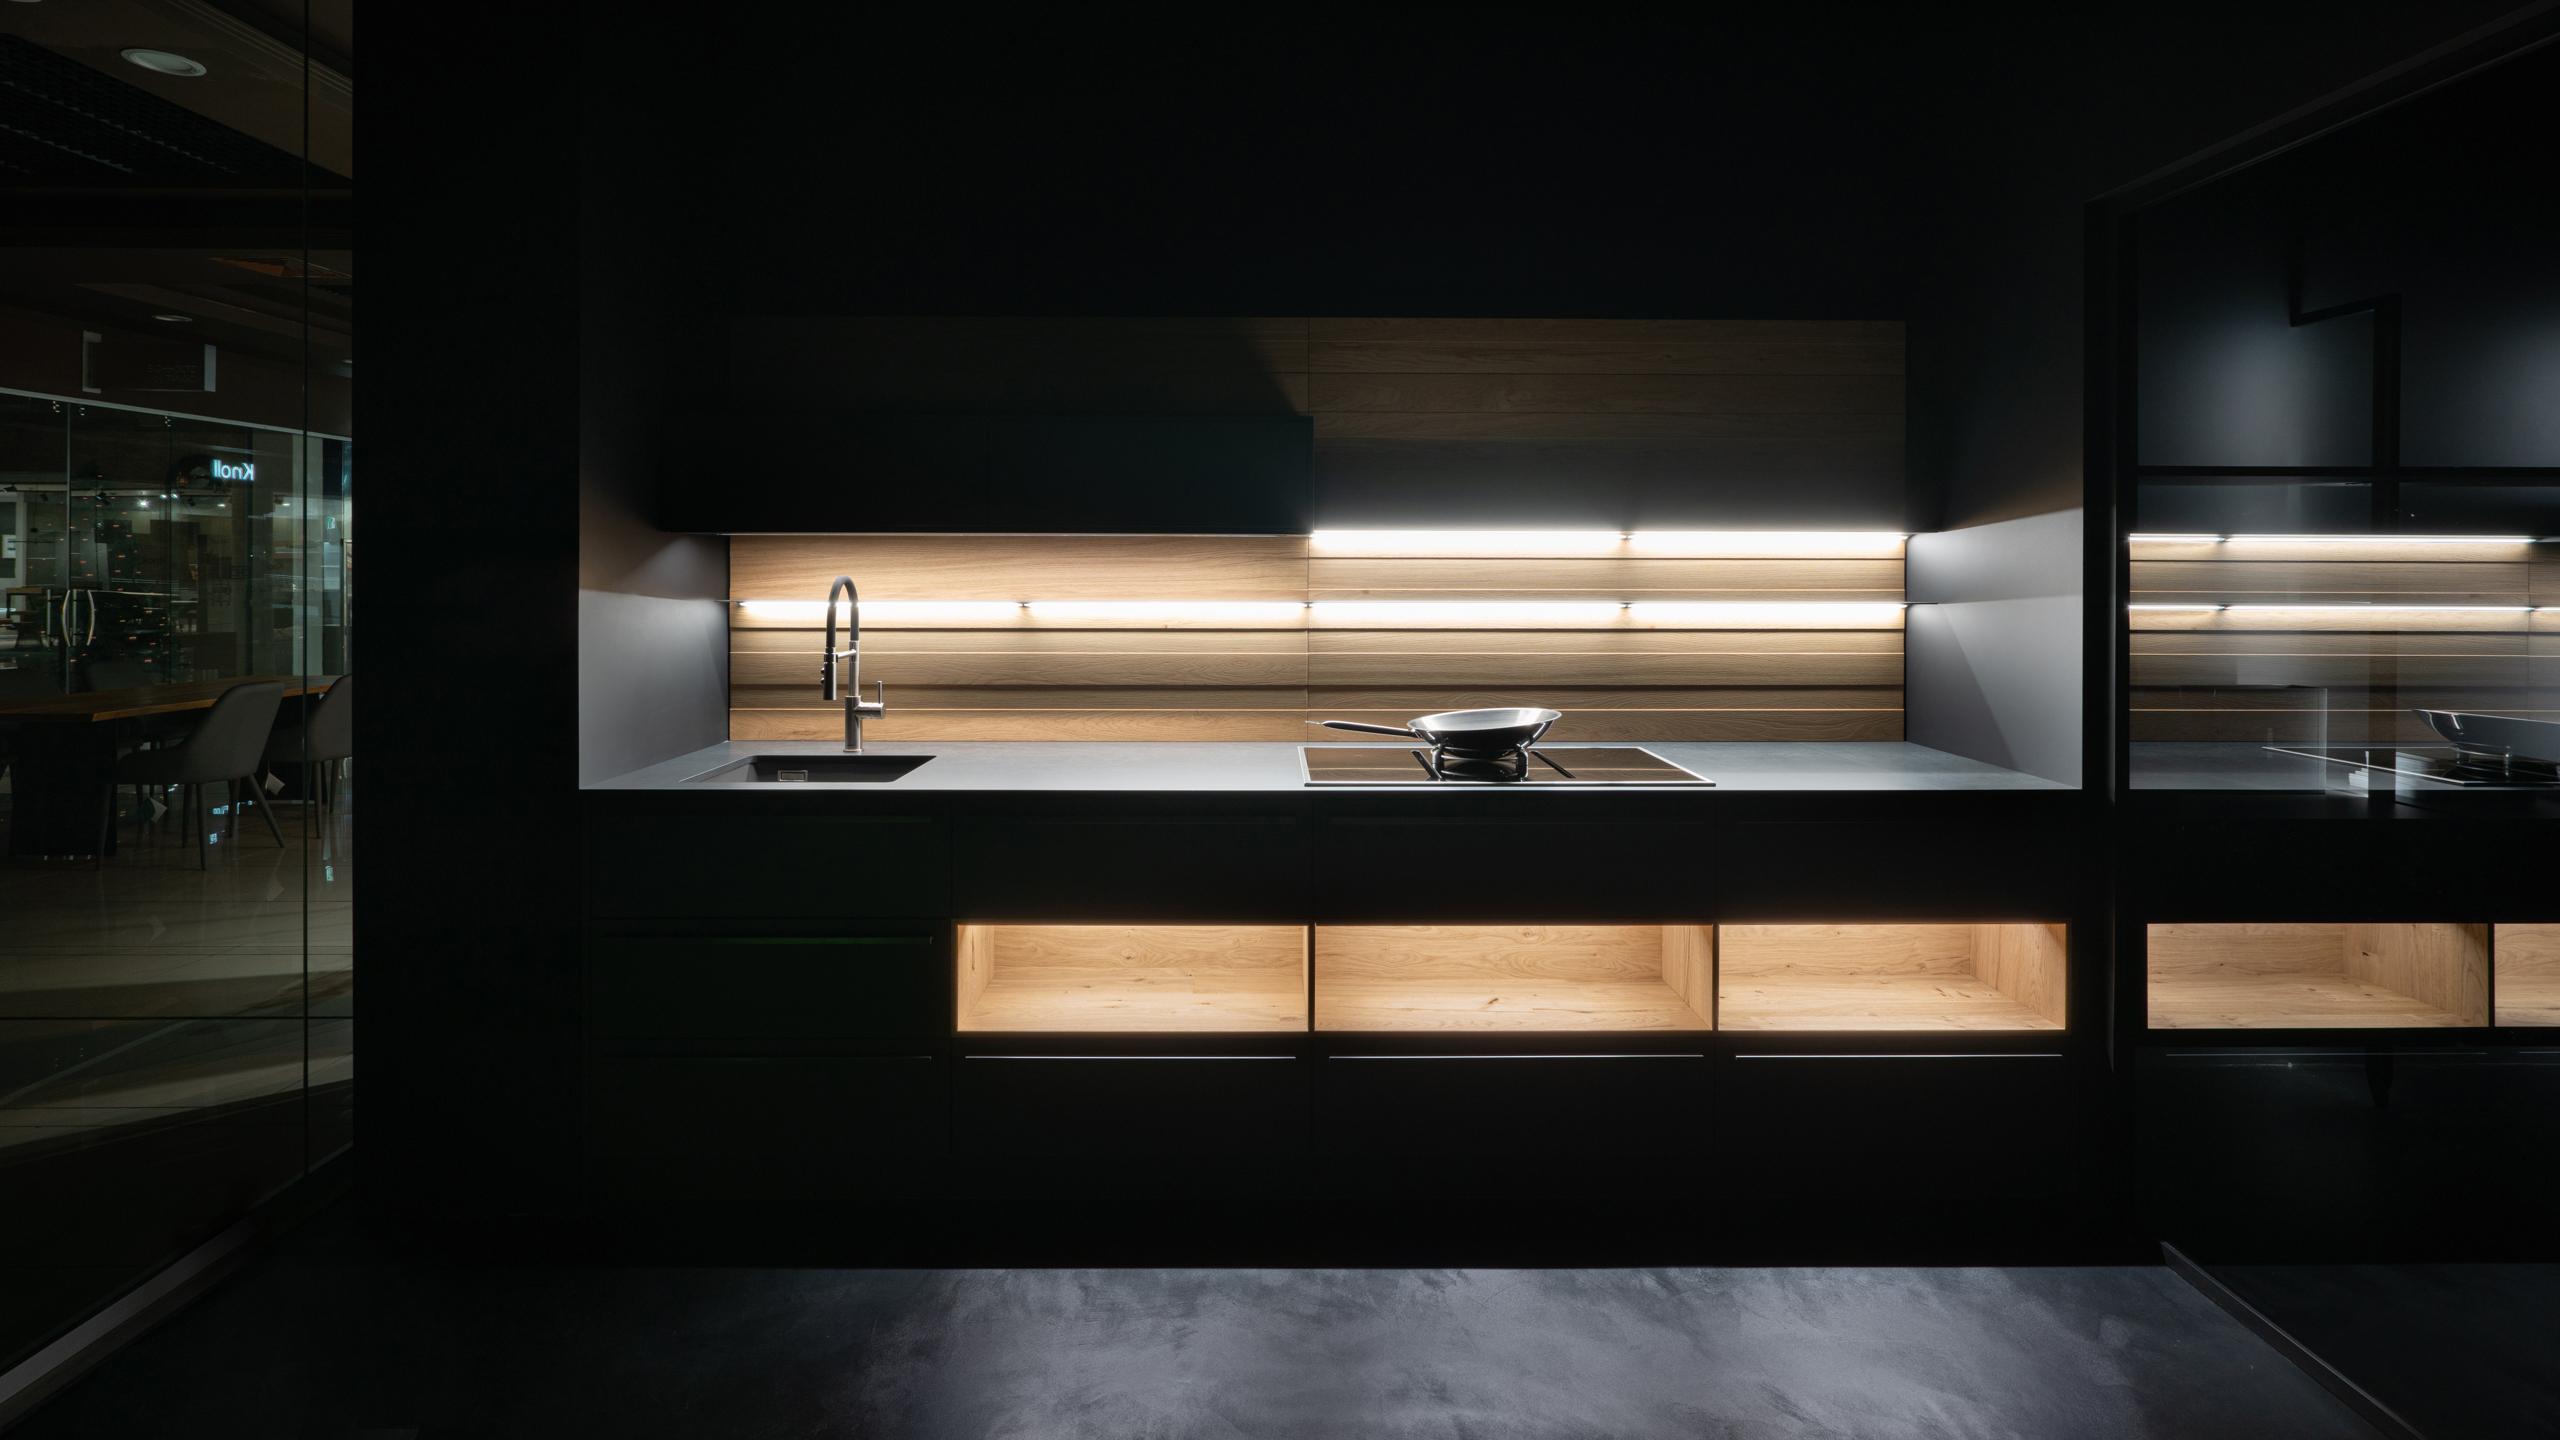 Интерьерный фотограф фотографирует салон кухонь